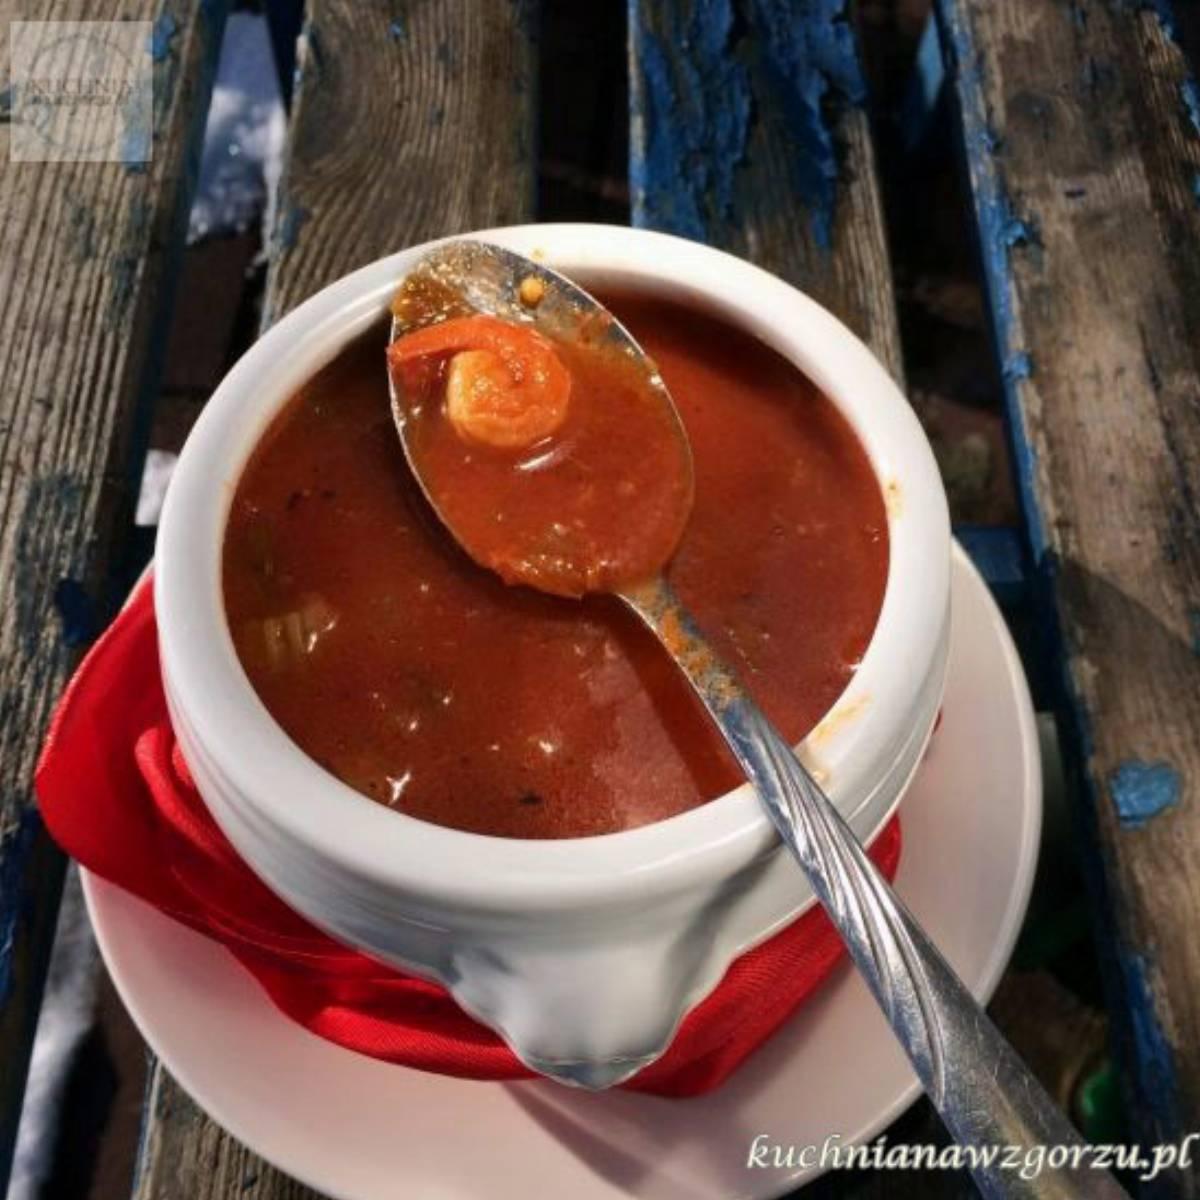 Rozgrzewająca zupa rybna